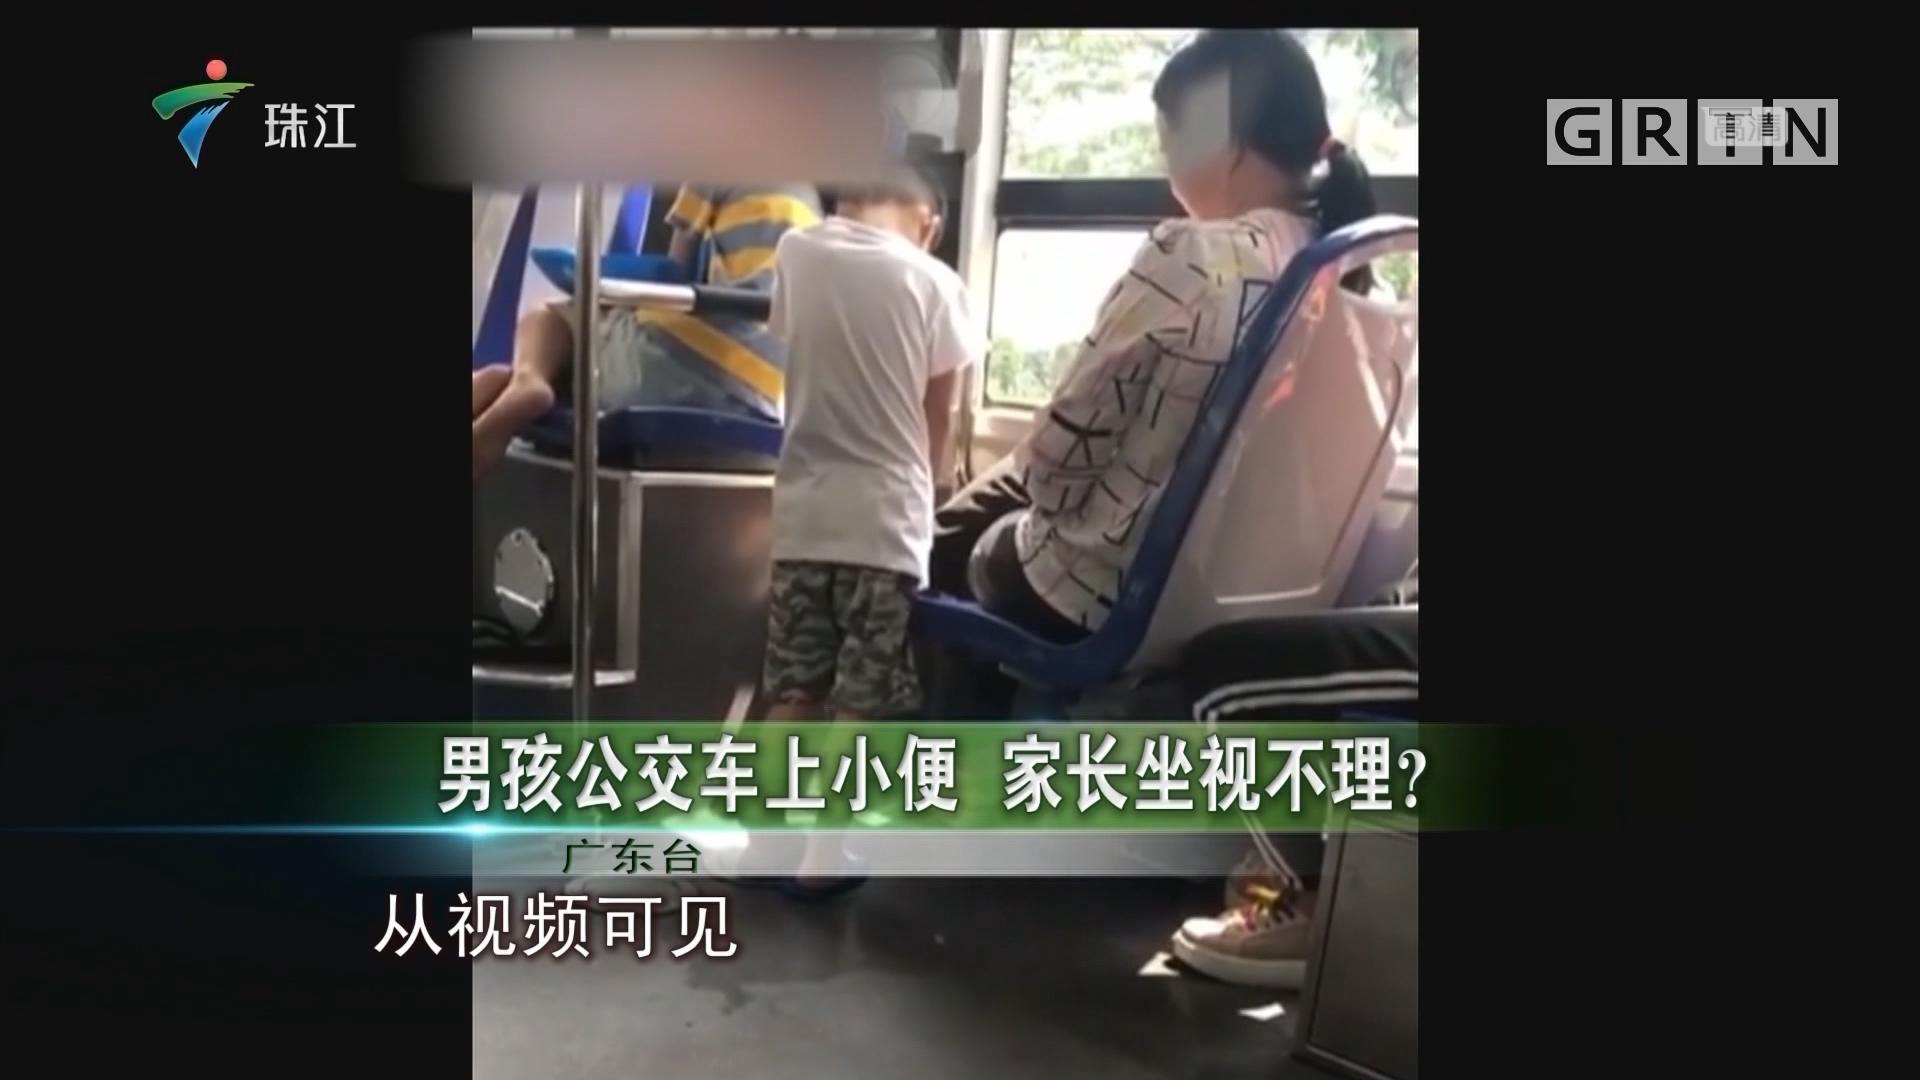 男孩公交车上小便 家长坐视不理?